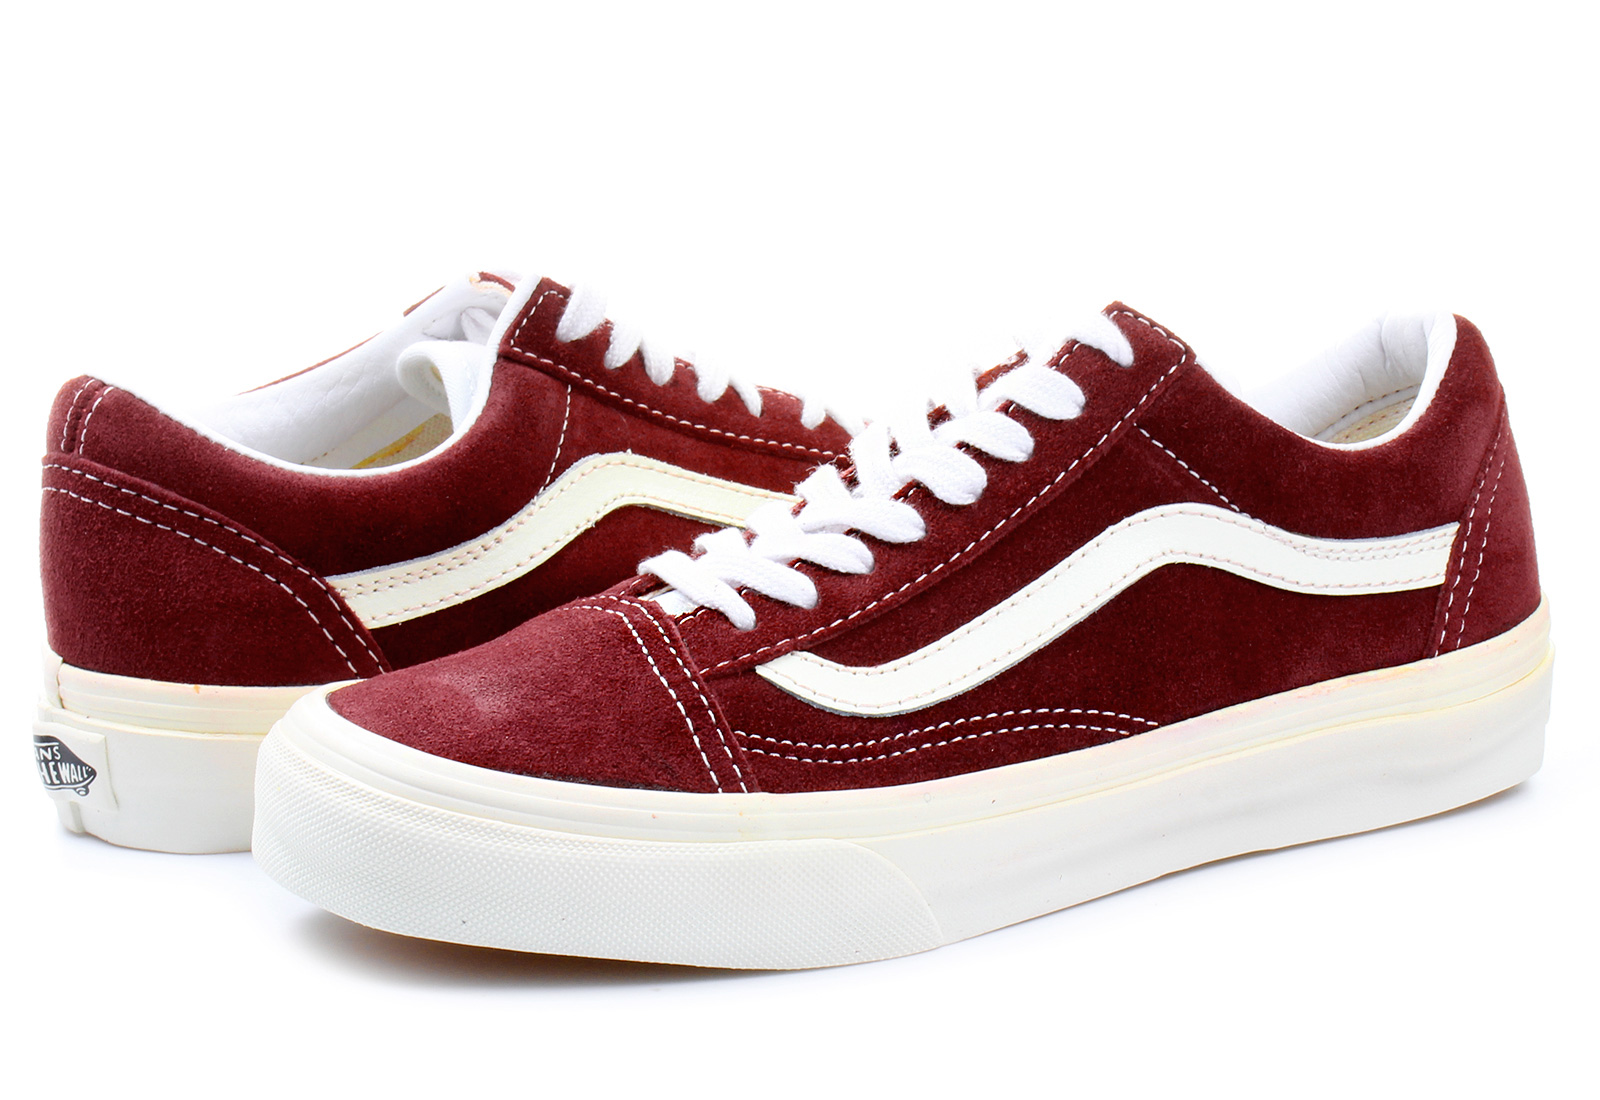 Vans Cipő - Old Skool - vsdi8w6 - Office Shoes Magyarország dc40350c3c